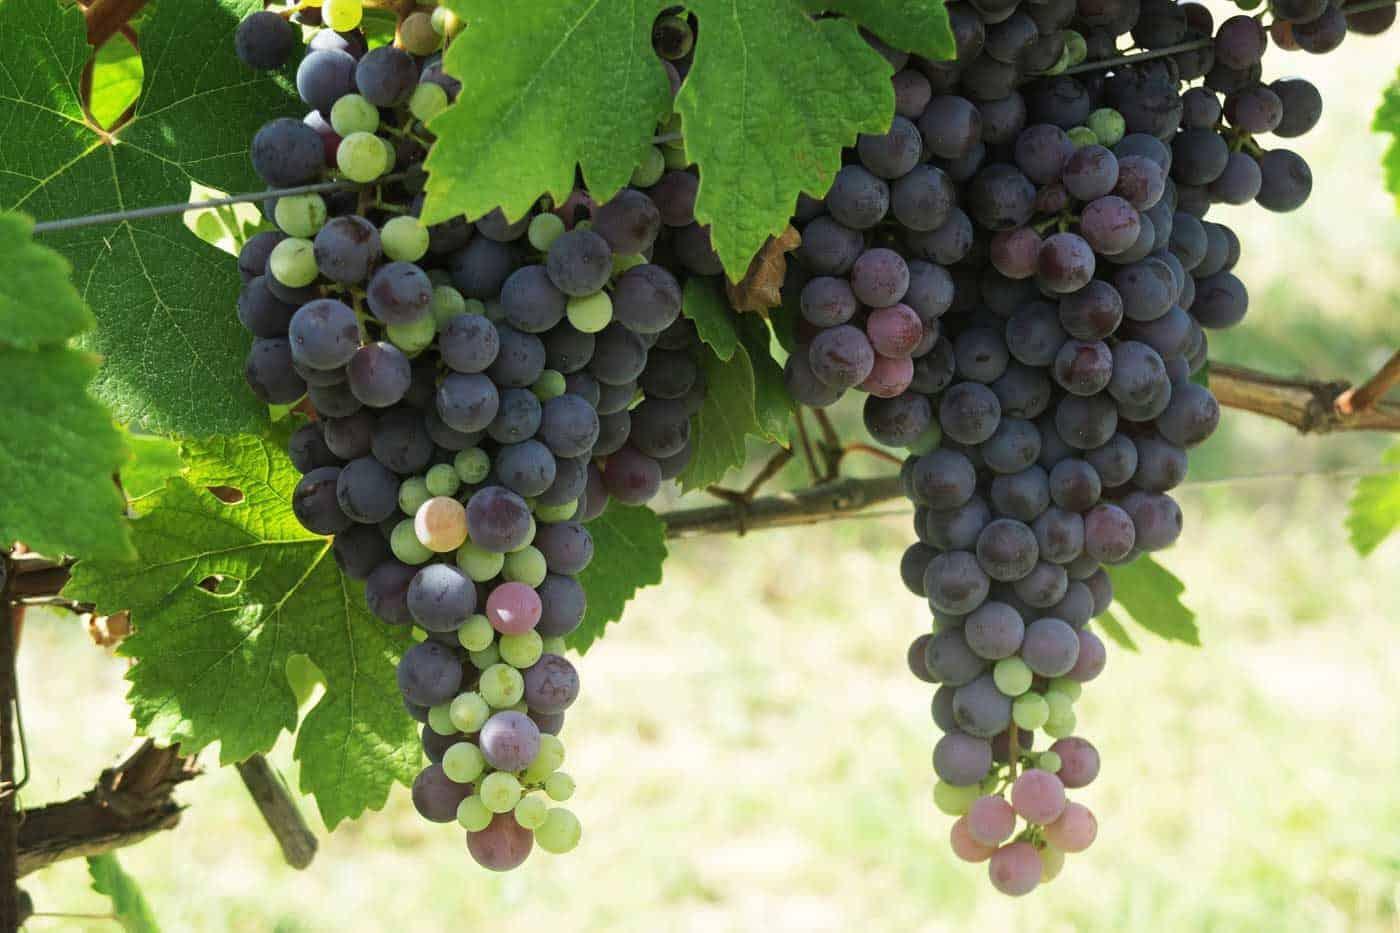 #wijnvraagbaak – Hoeveel kilo druiven heb je nodig voor één fles wijn?